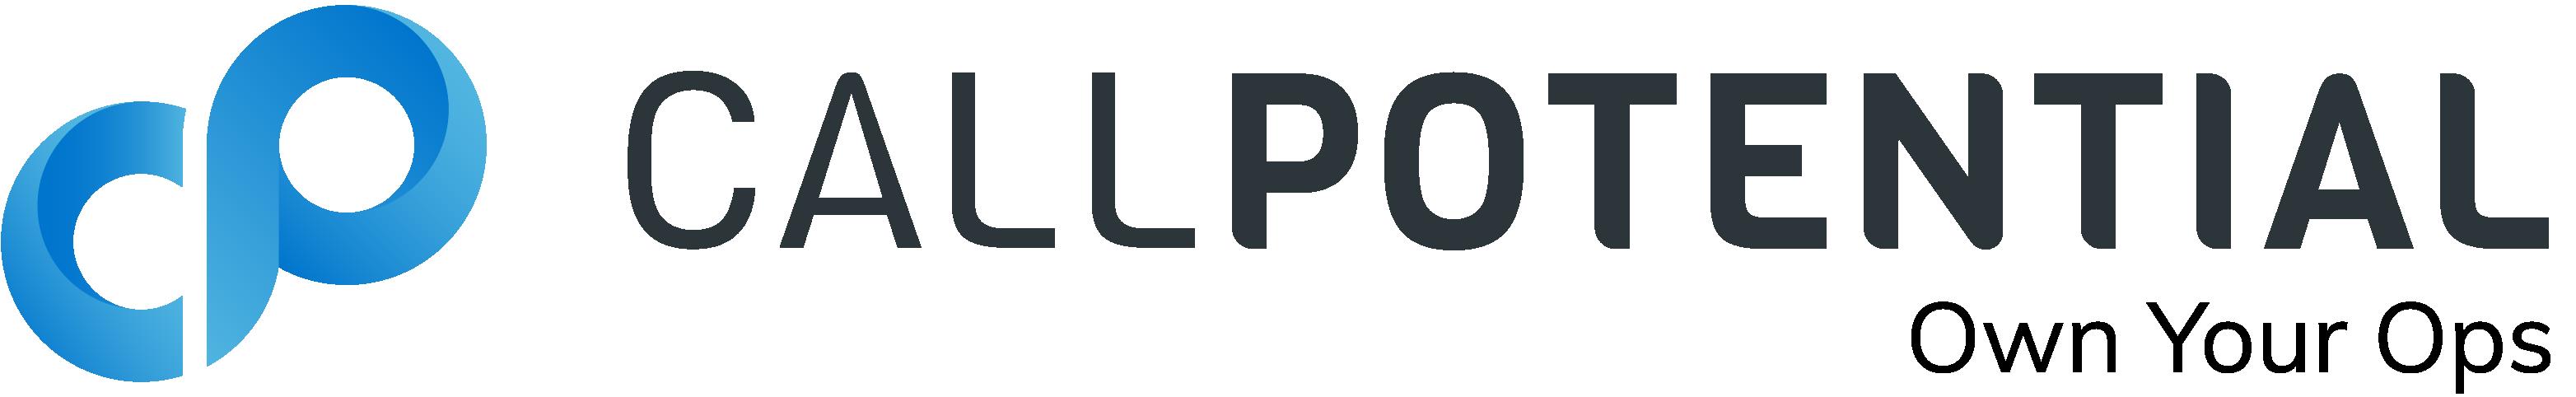 CP_Logo_Tagline_FullColor-1